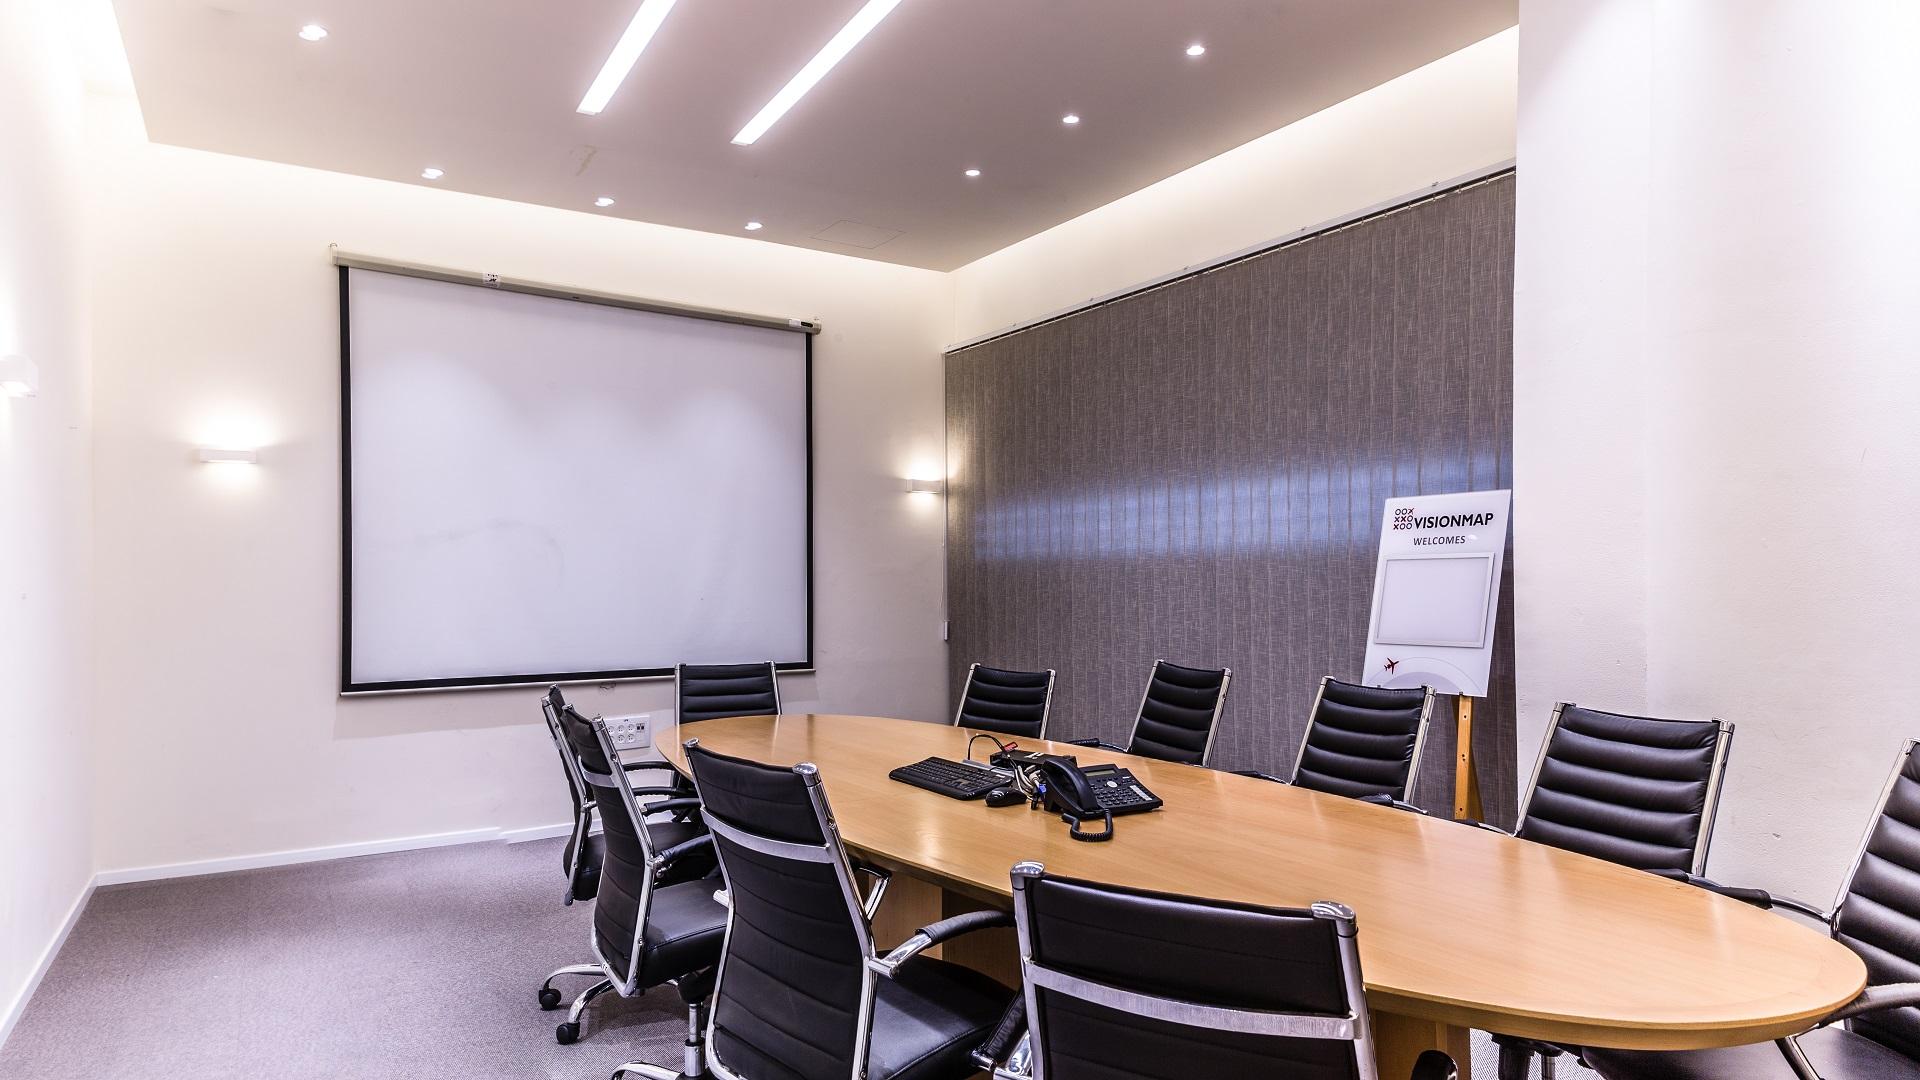 עיצוב מודרני של משרדים